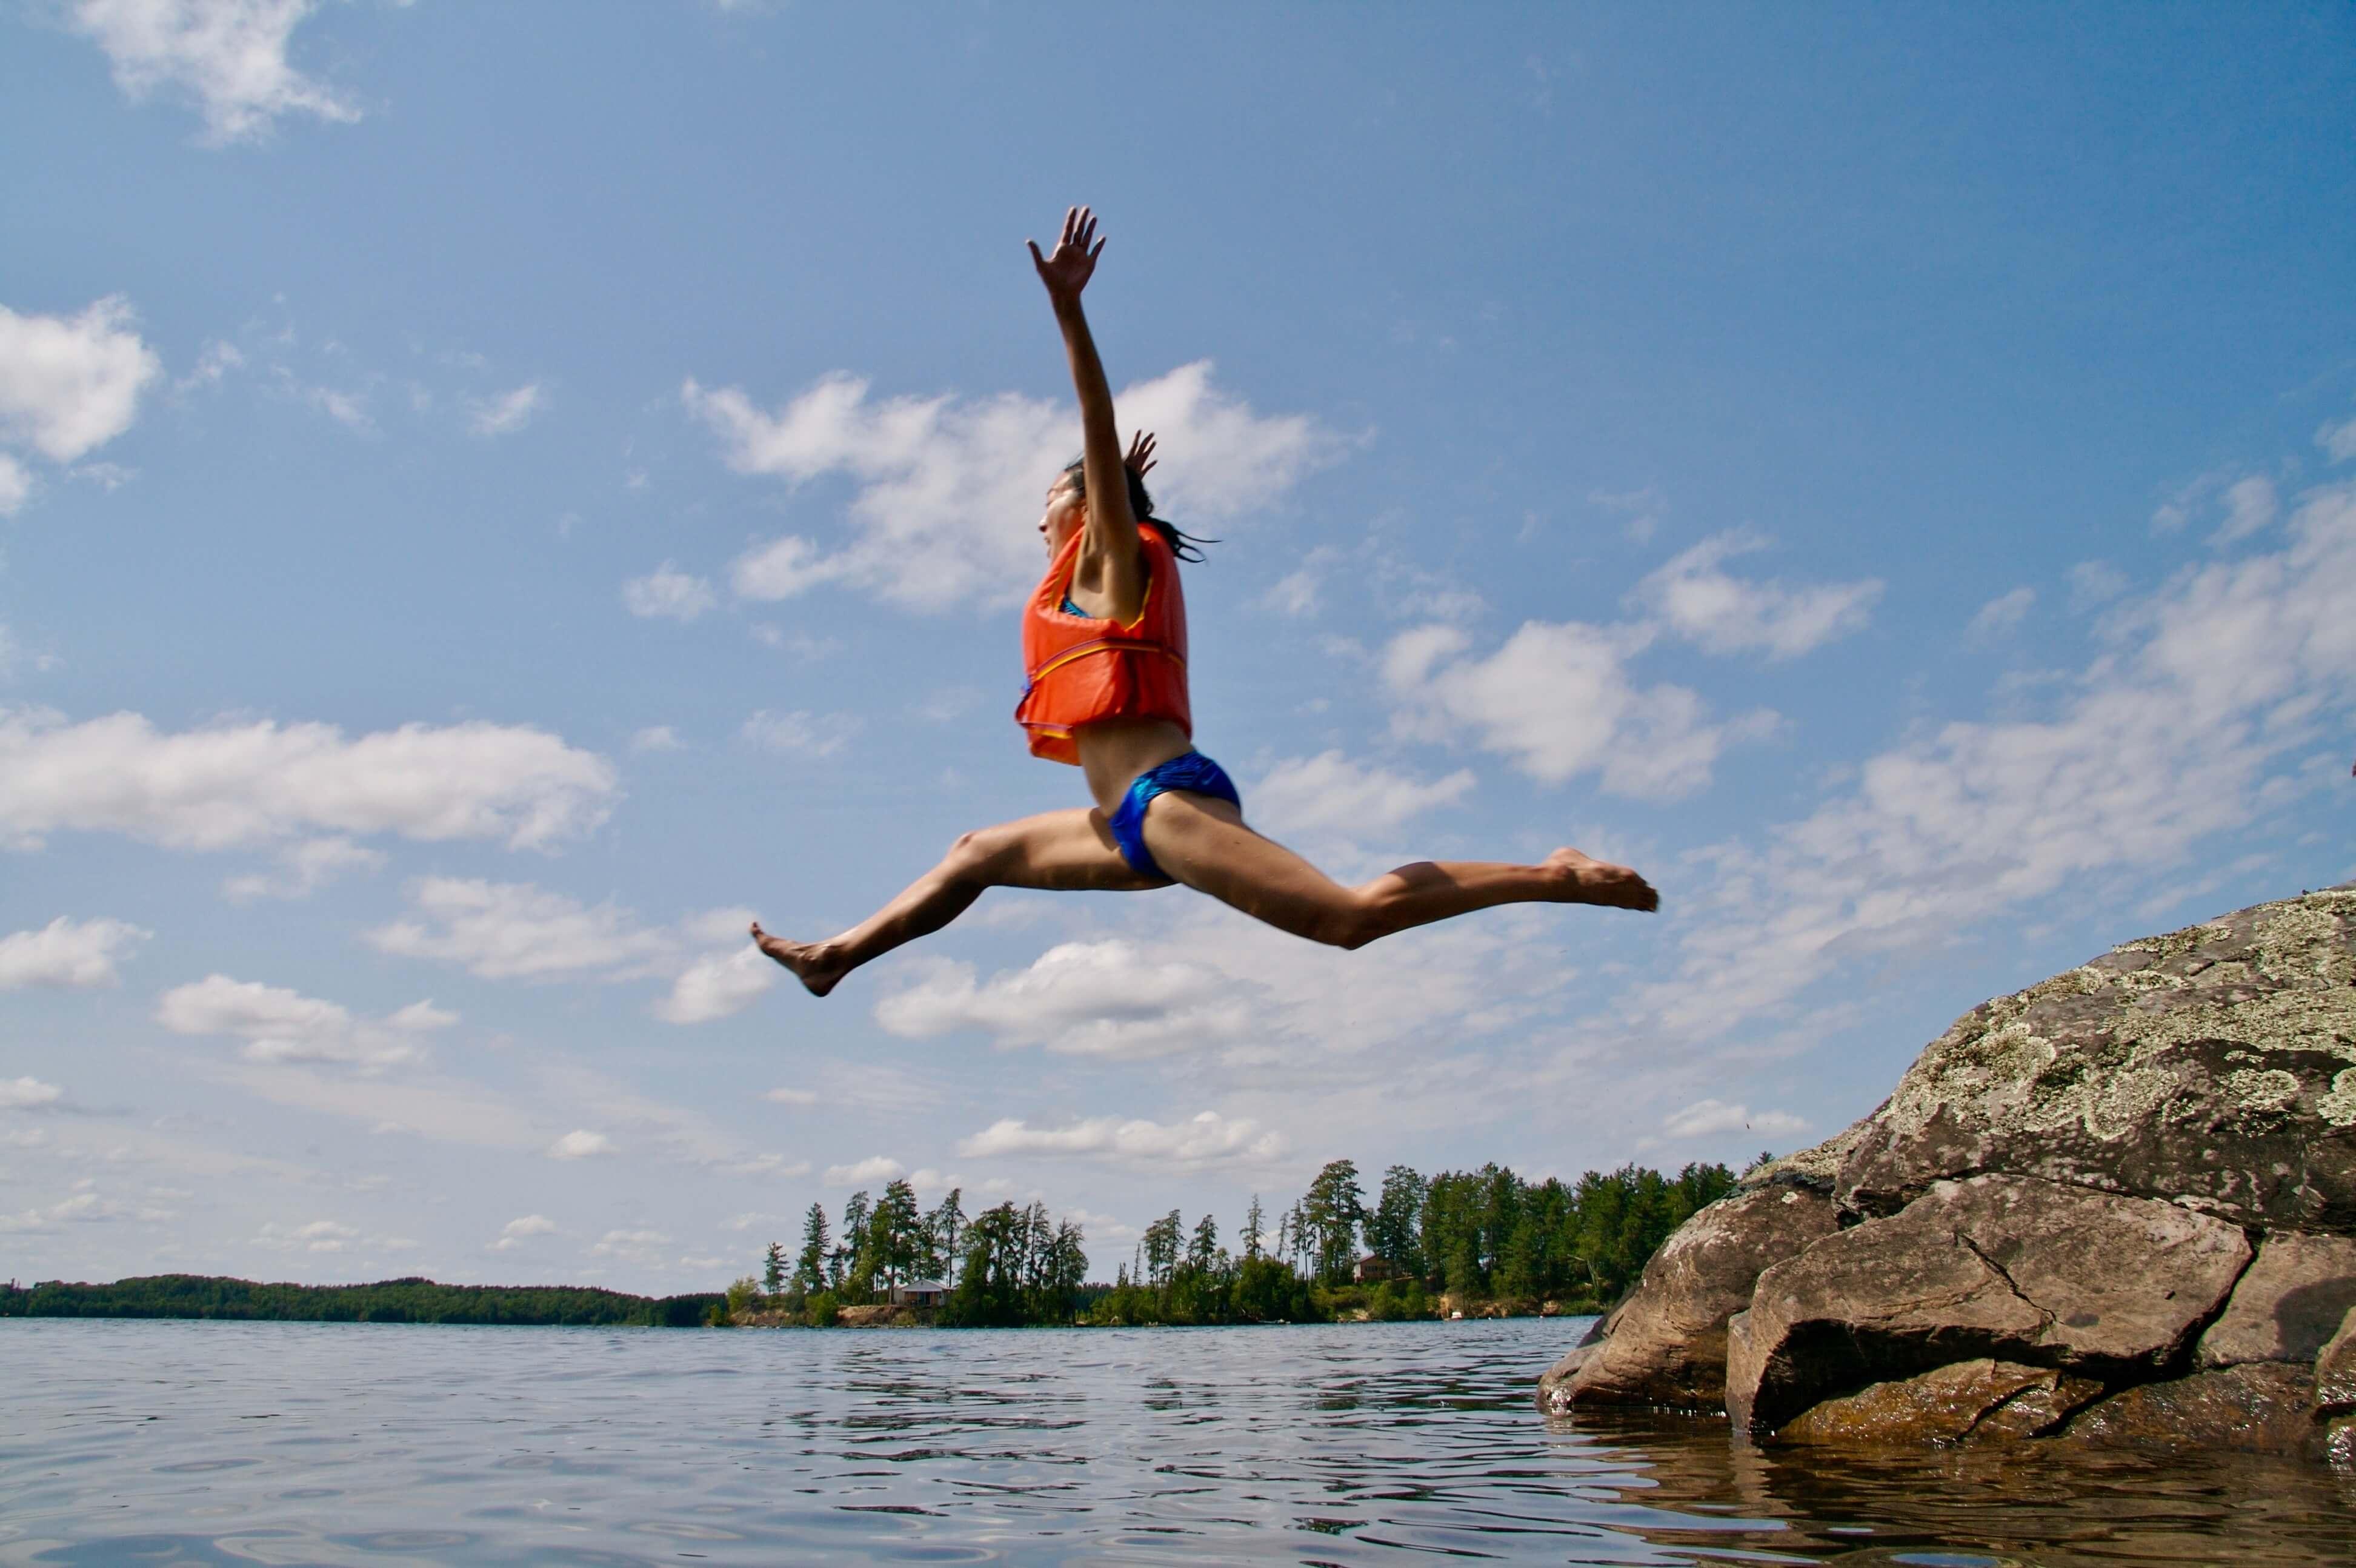 Frau mit Schwimmweste springt in See